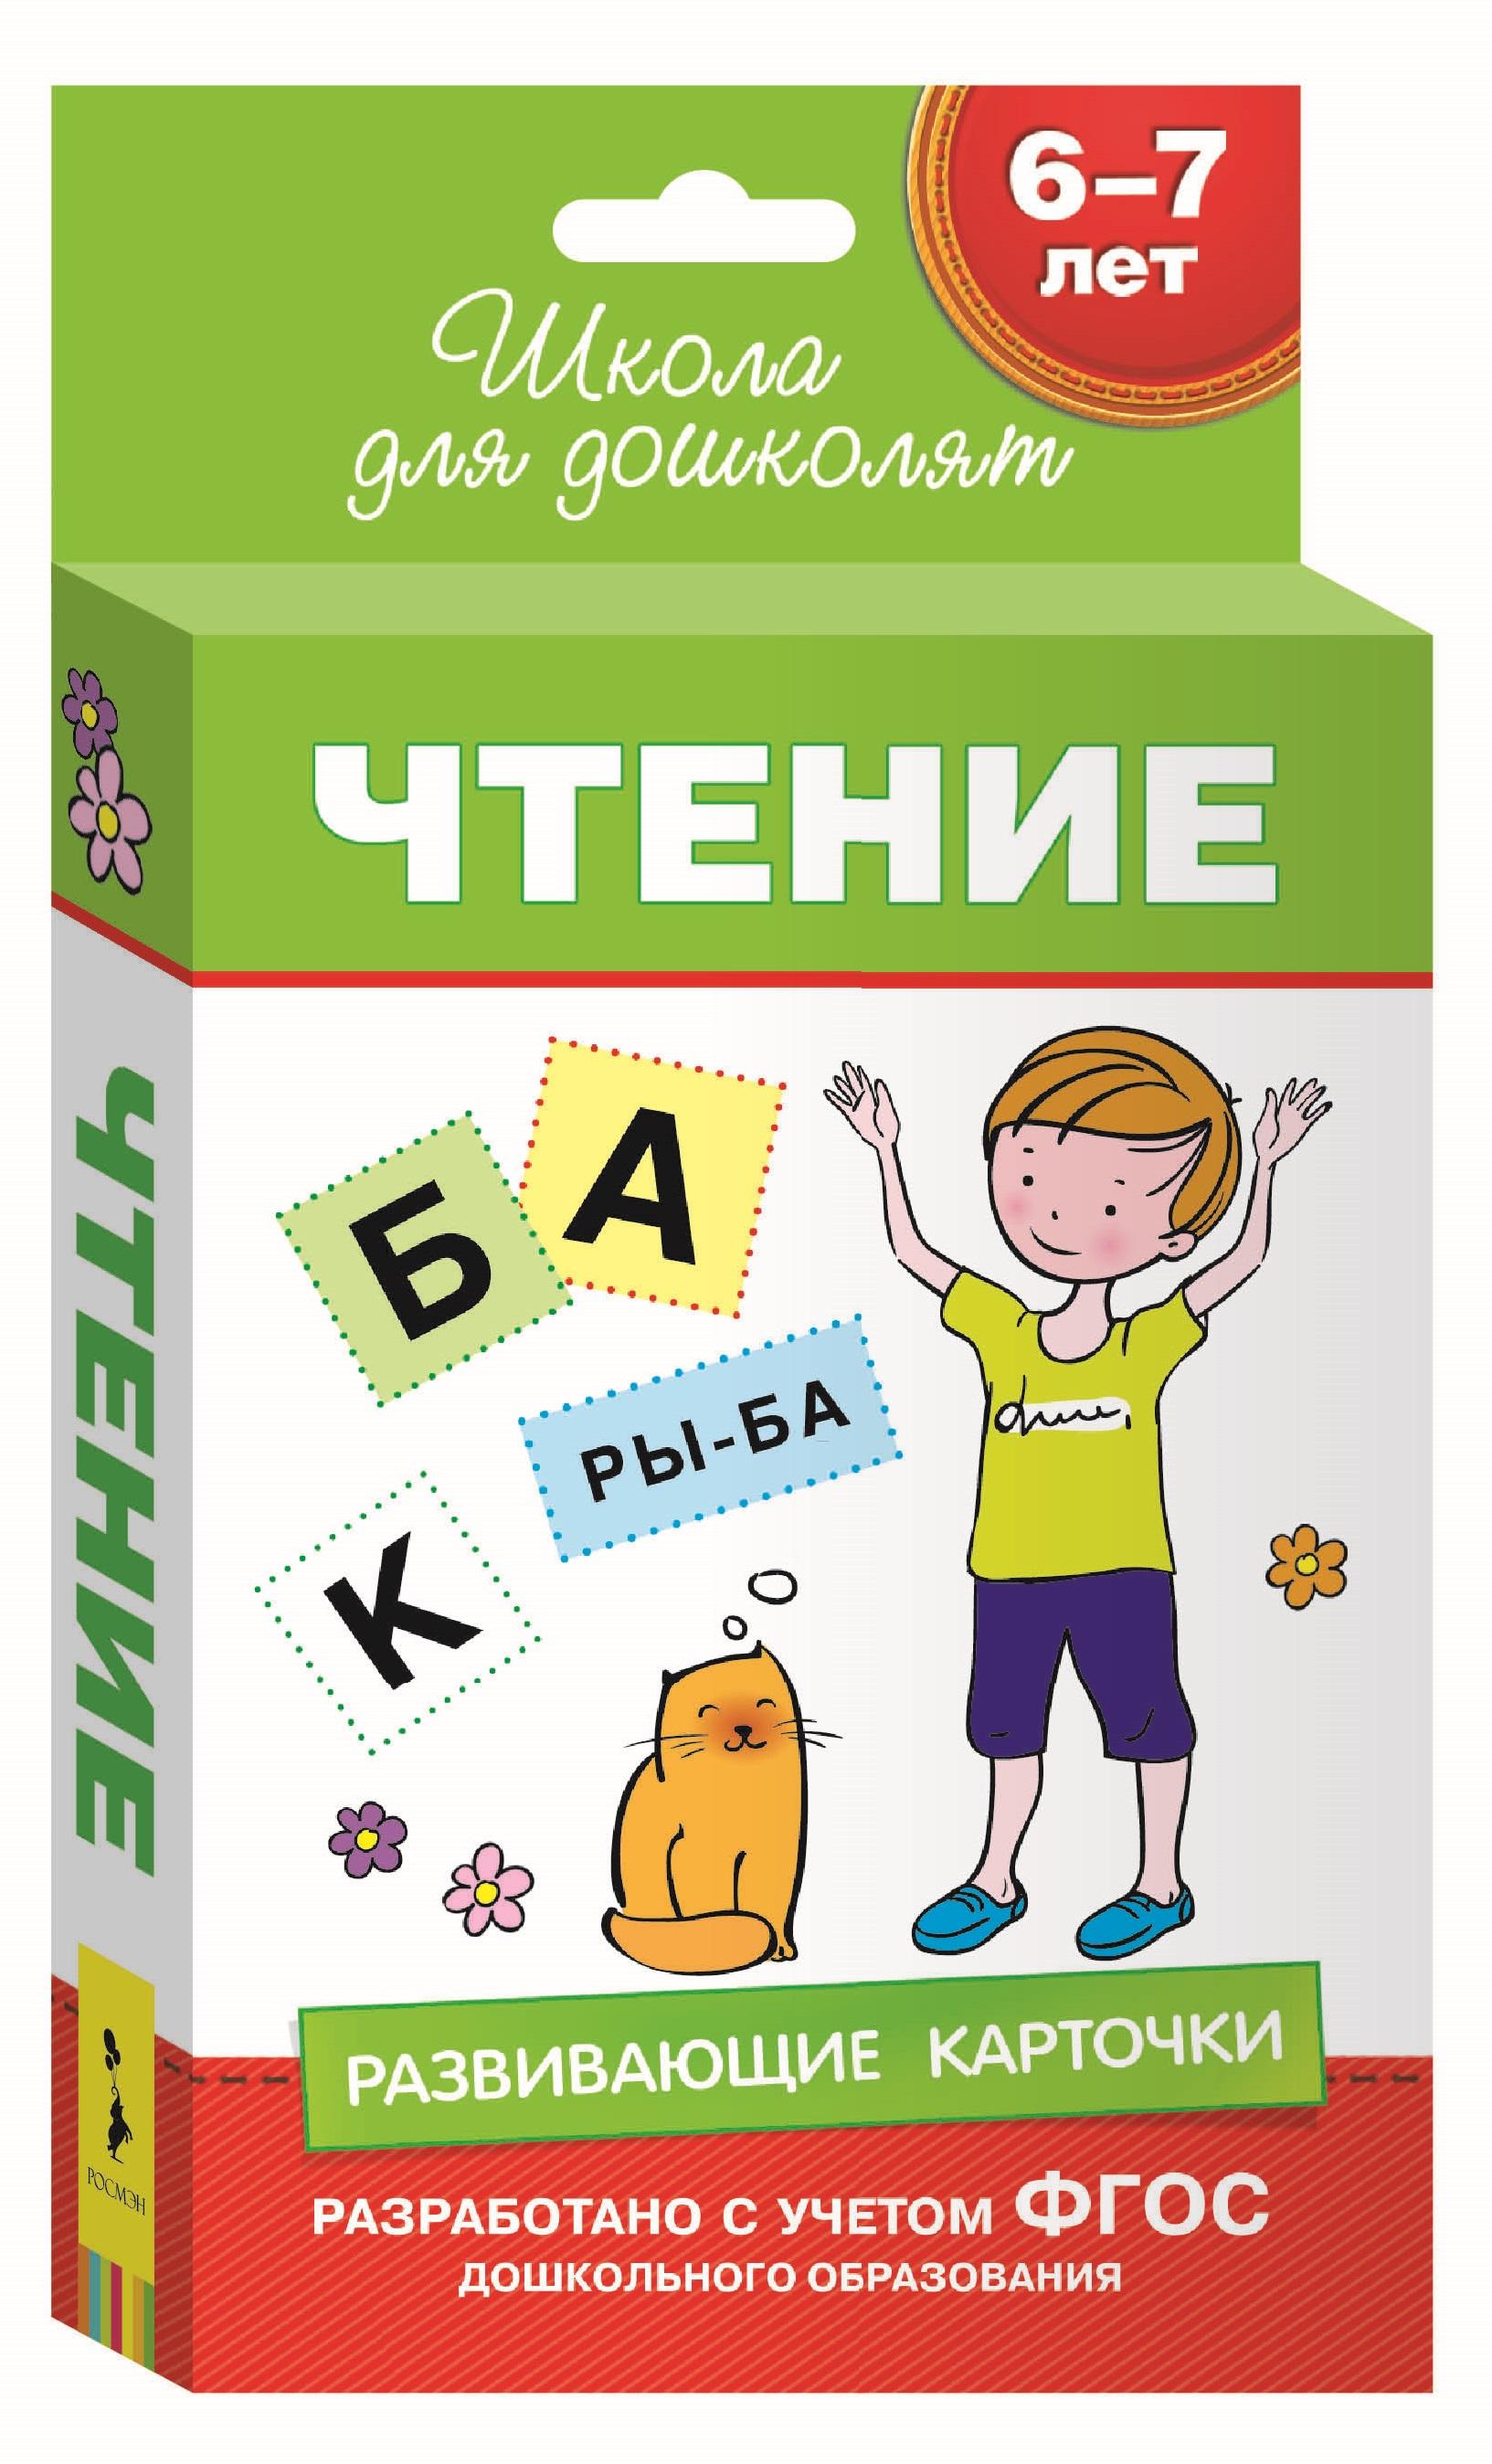 Чтение. Развивающие карточки для детей 6-7 лет (набор из 68 карточек) росмэн развивающие карточки математика школа для дошколят